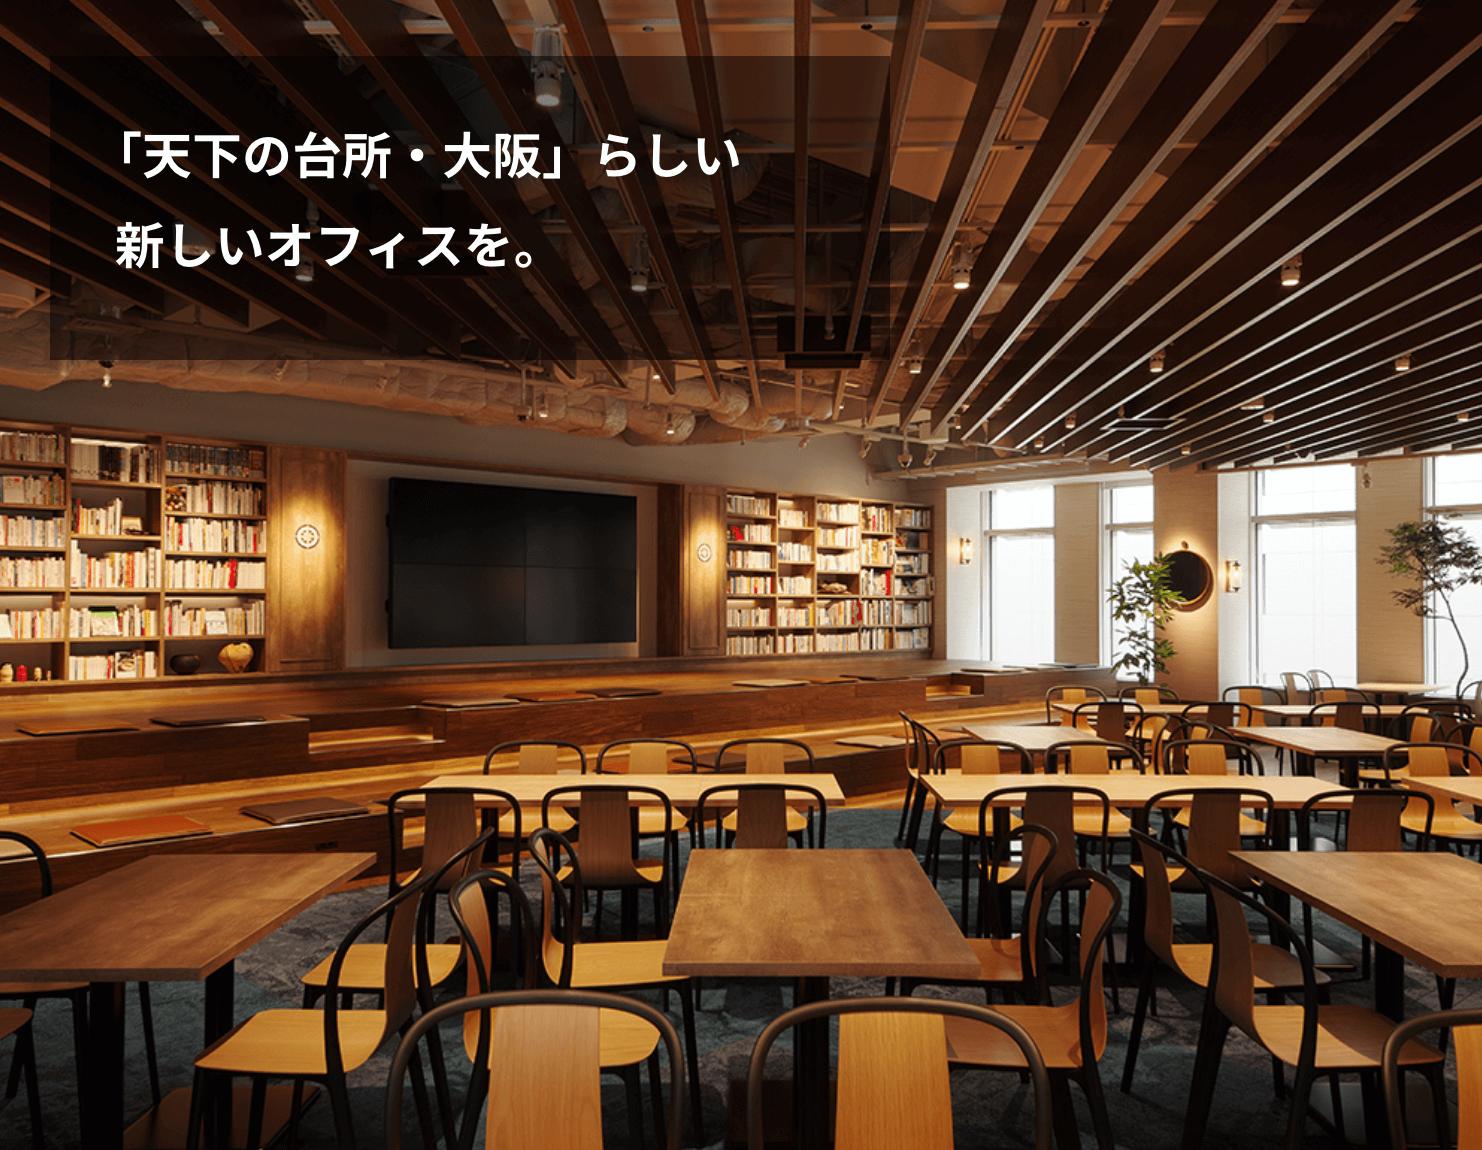 「天下の台所・大阪」らしい新しいオフィスを。